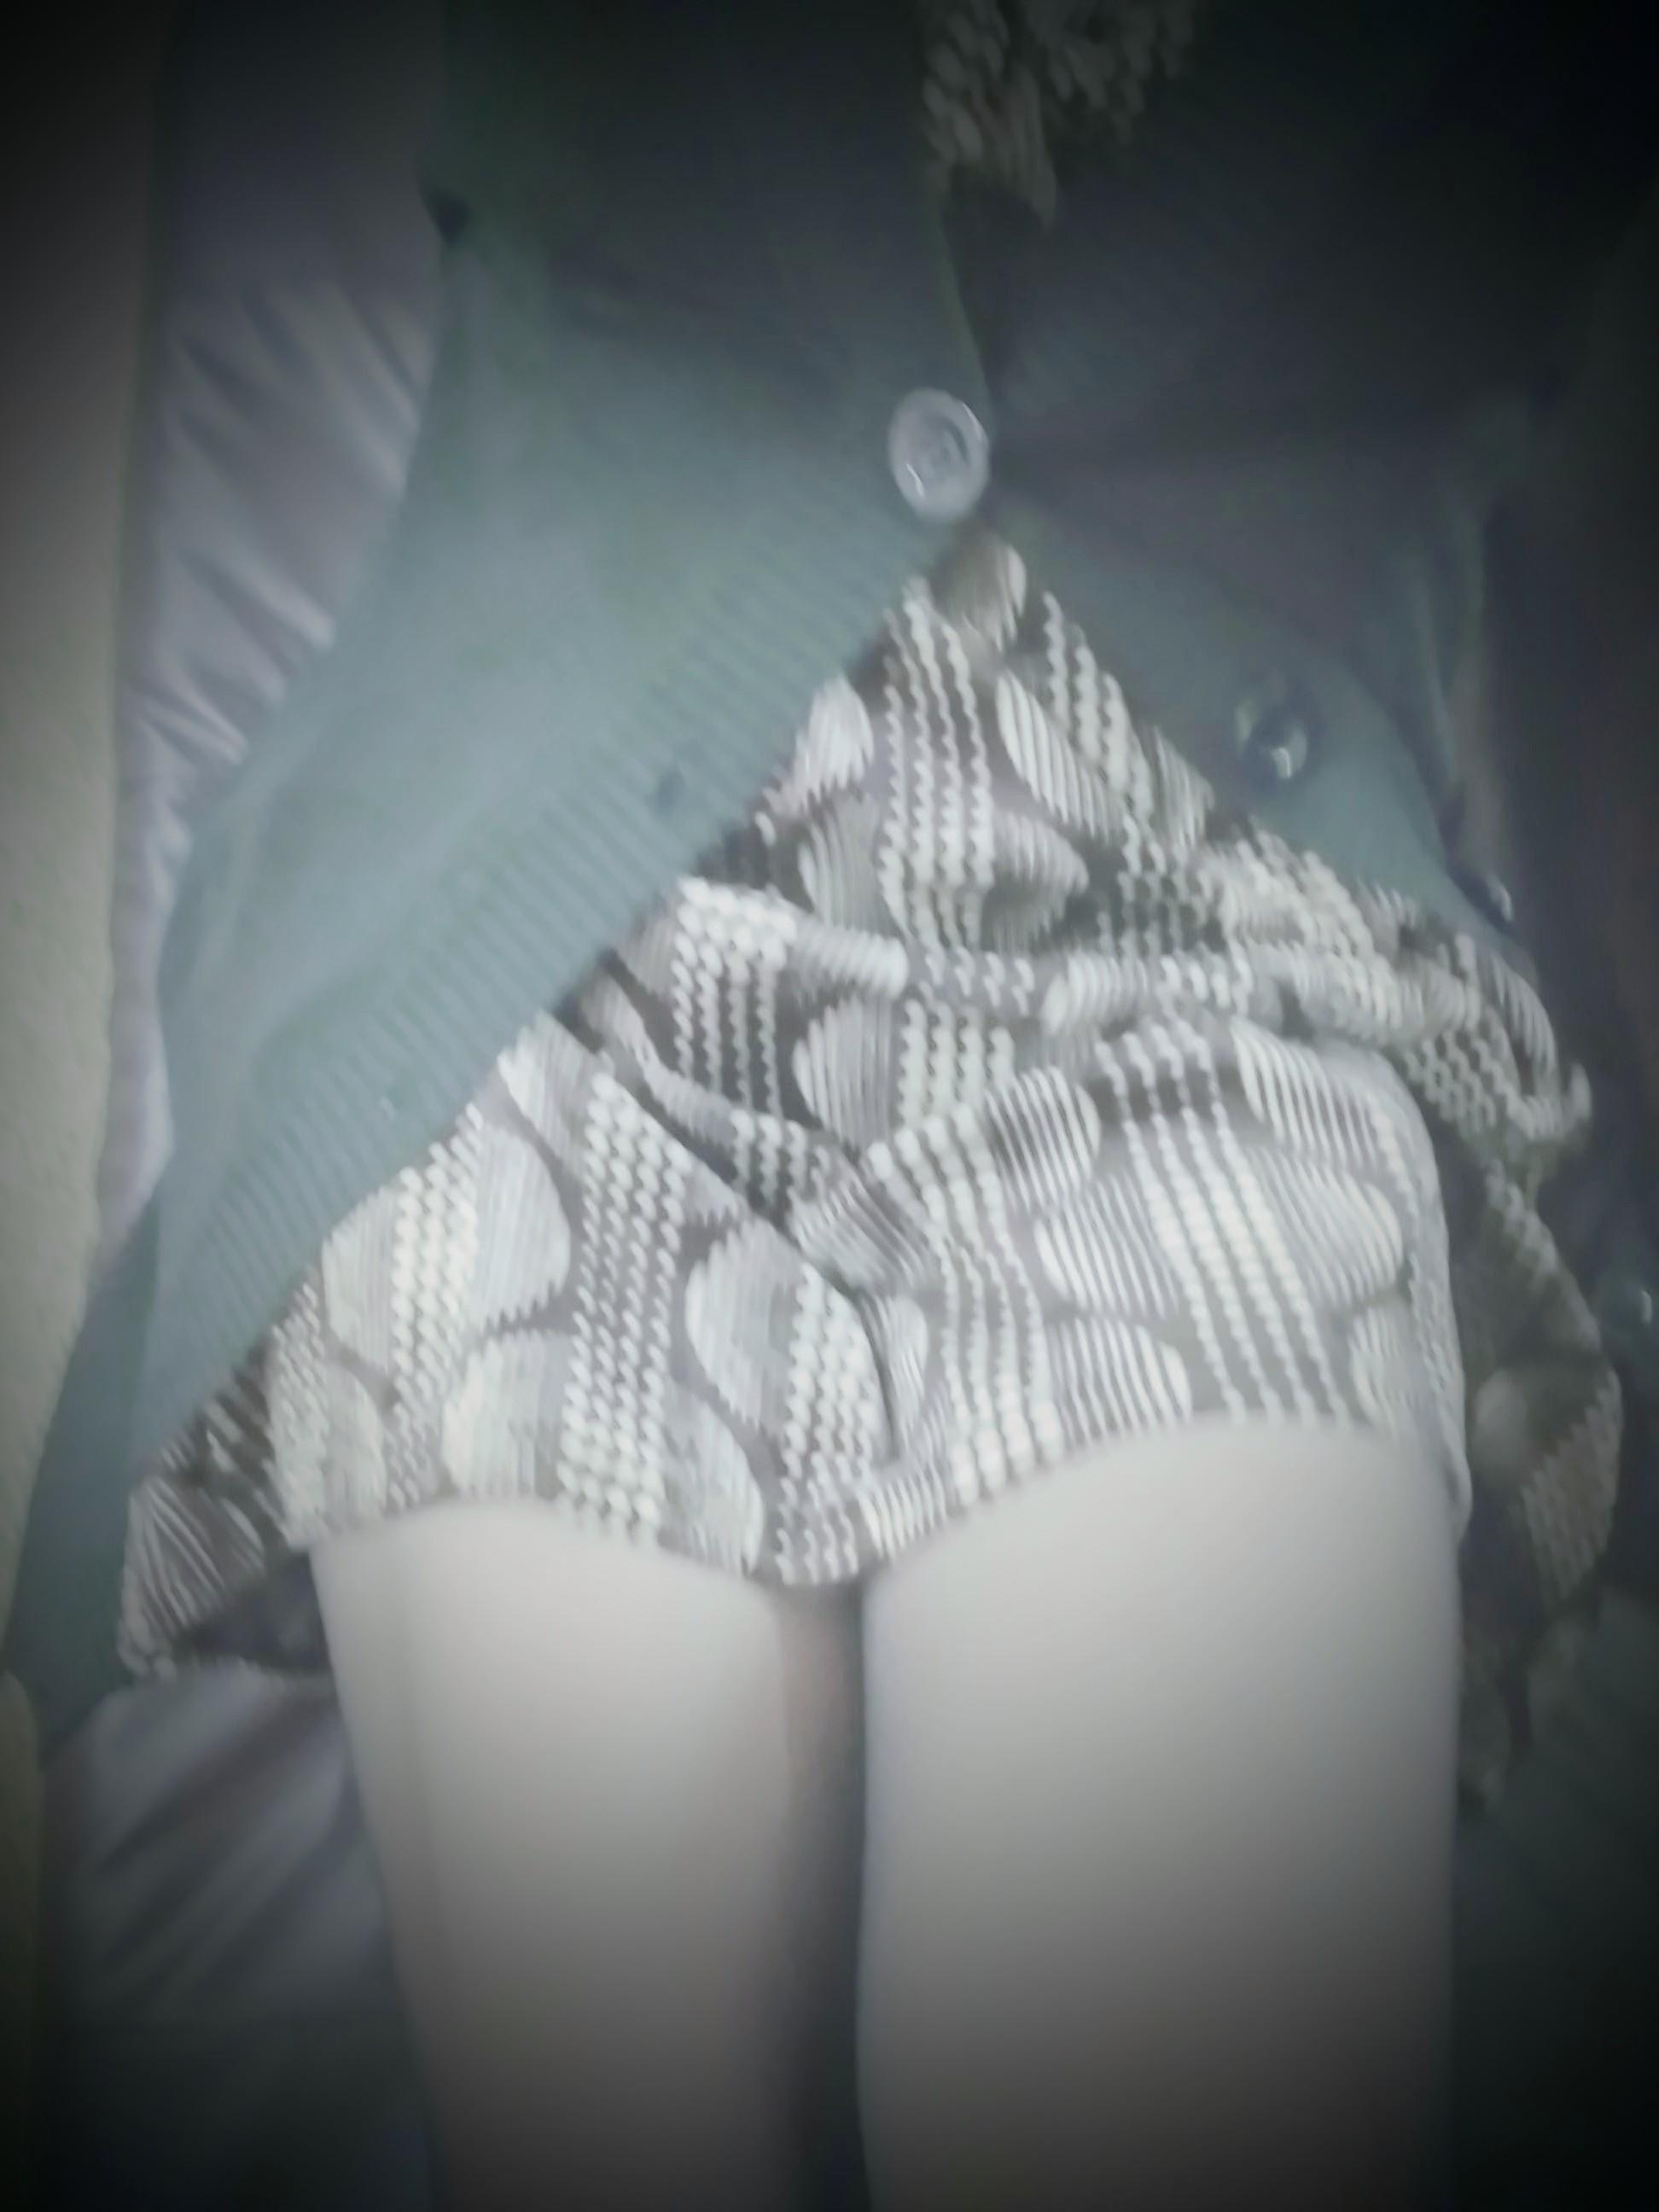 はづき「裸になって温もり合わせて燃えたいね(*^^*)」01/24(金) 17:03   はづきの写メ・風俗動画